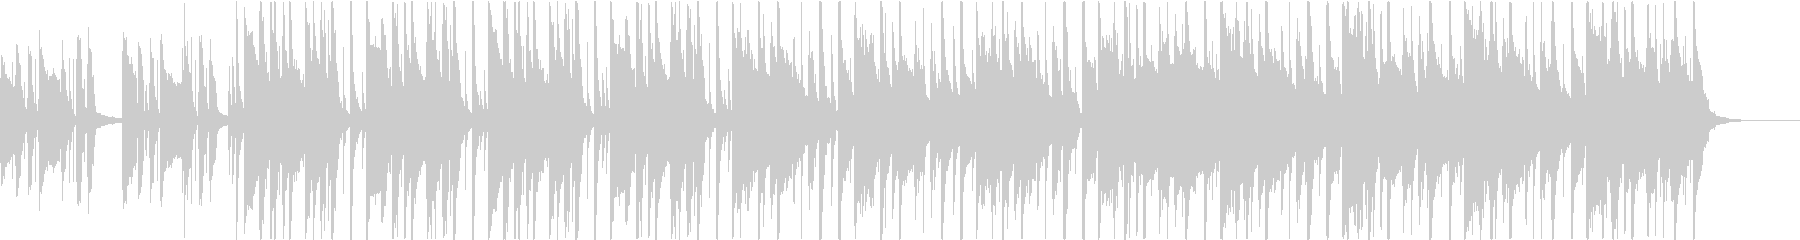 カッティング、都会的なファンクBGMの未再生の波形